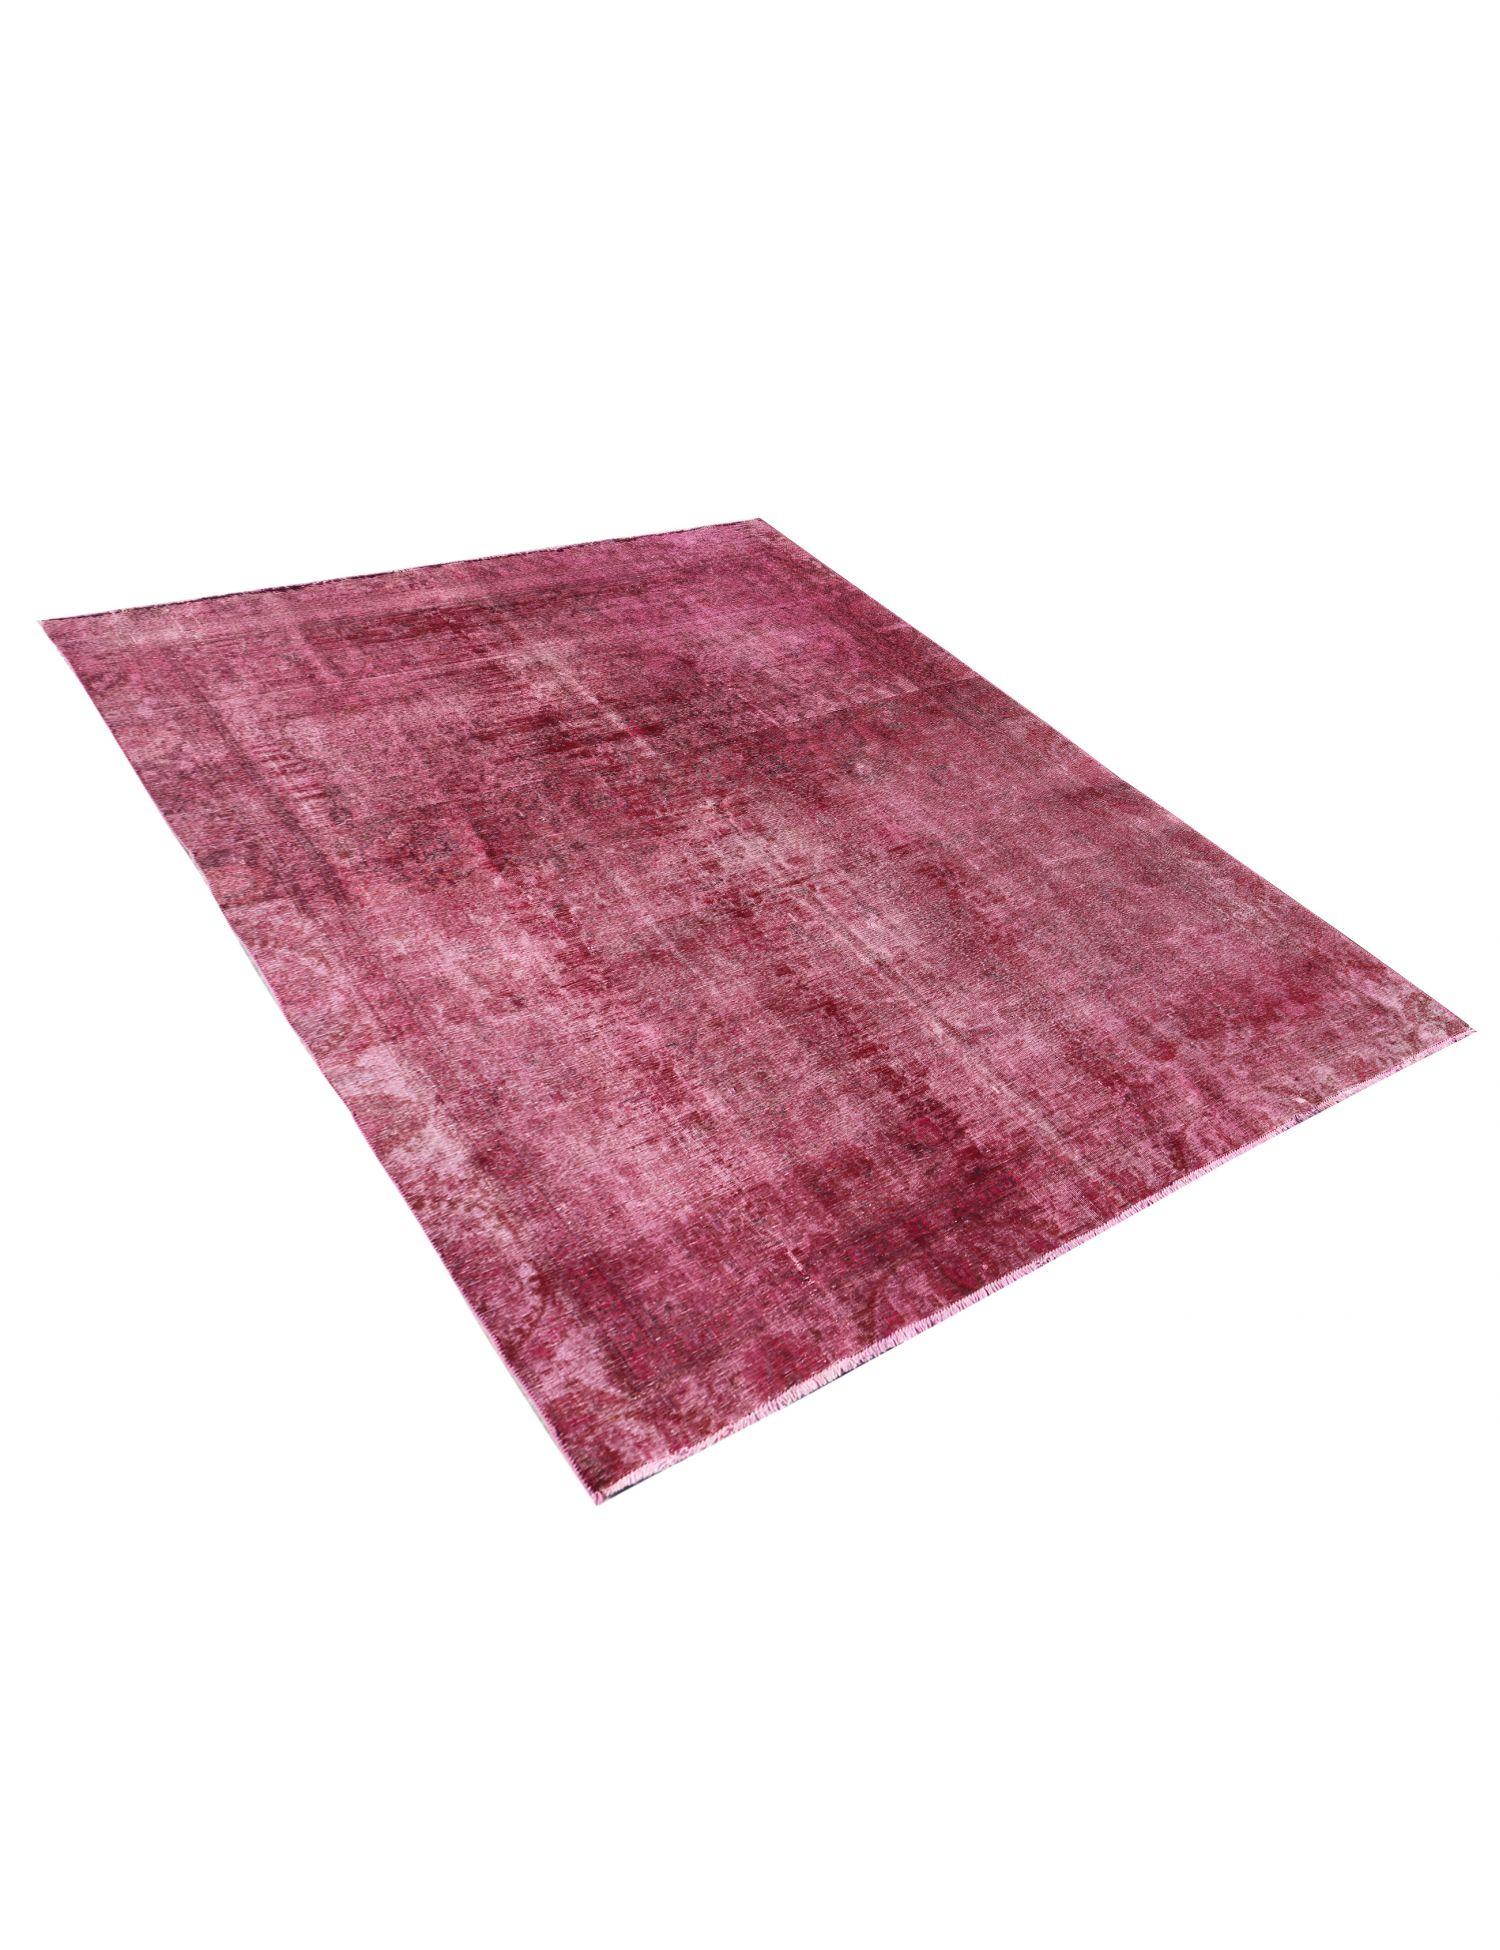 Vintage Teppich  rosa <br/>309 x 262 cm